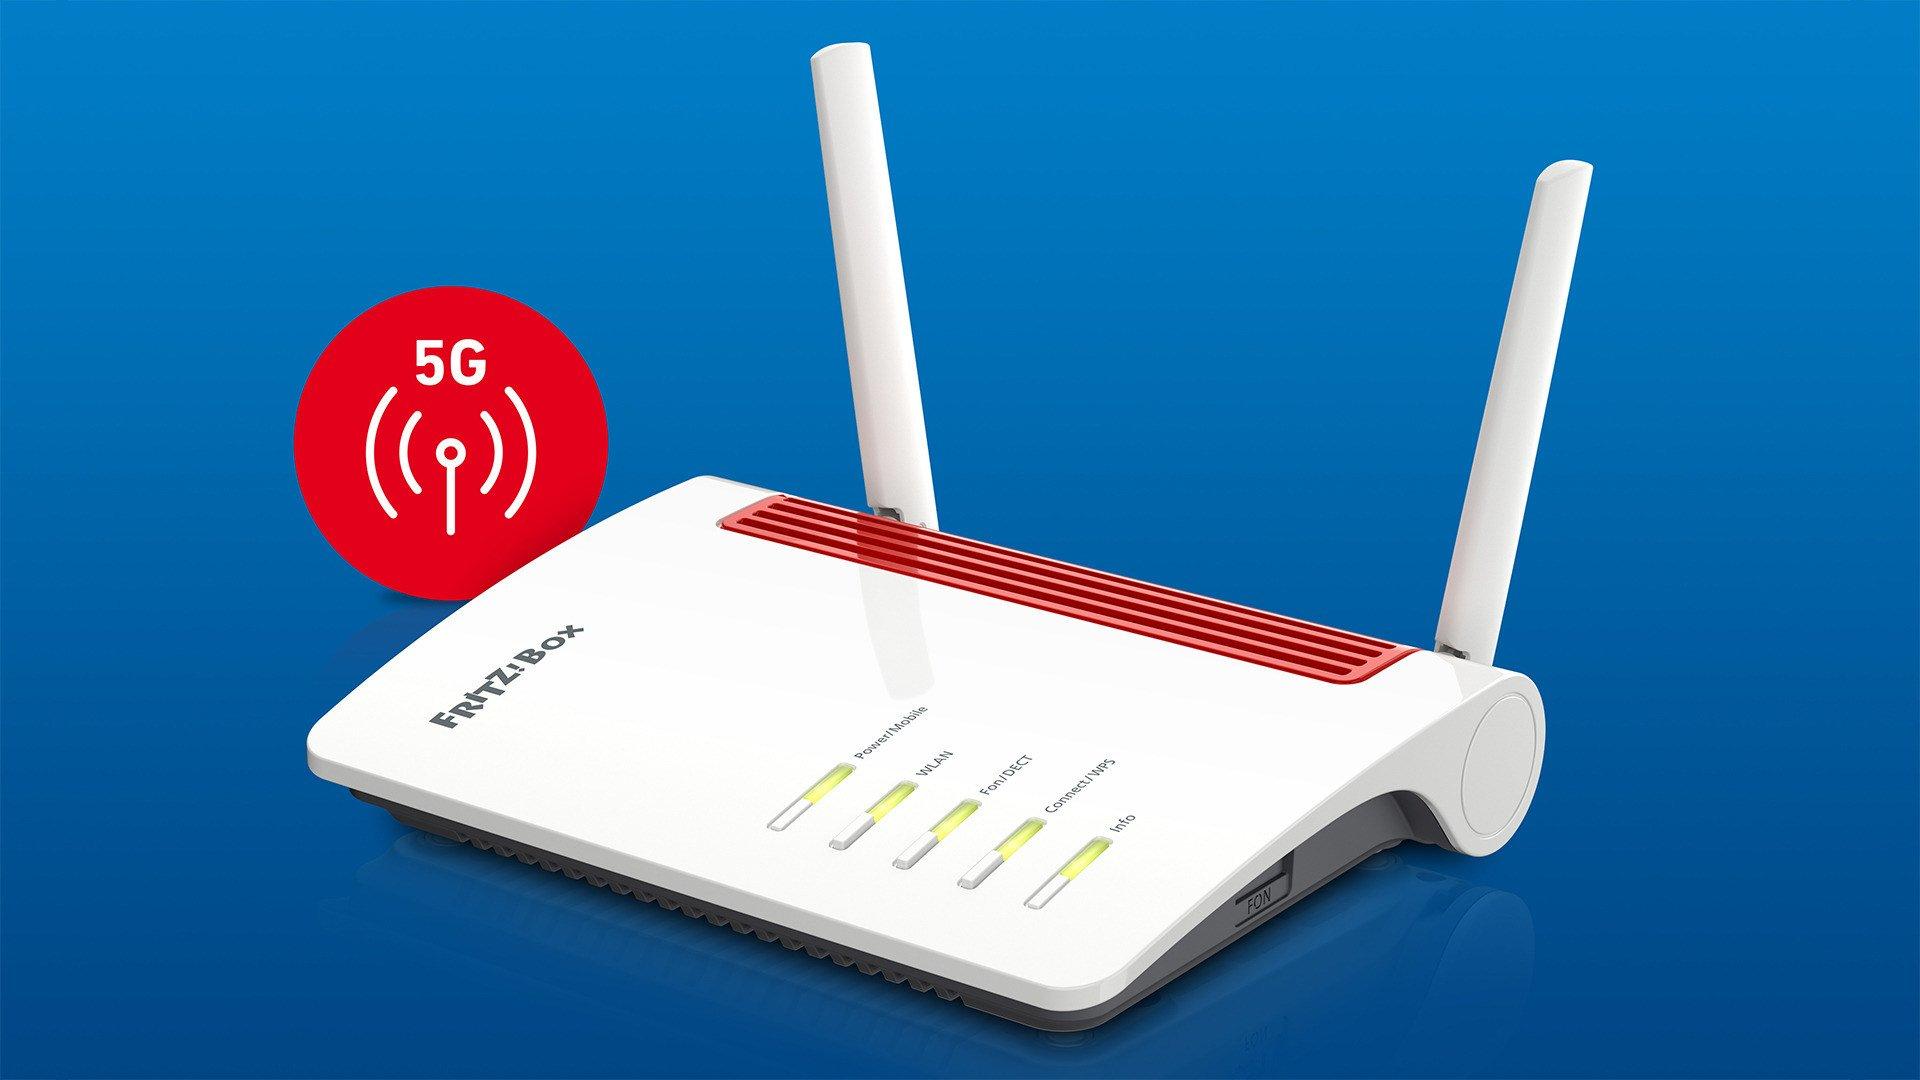 Mobilfunk, Router, Netzwerk, Avm, FritzOS, Mesh, Wi-Fi, FritzBox 6850 5G